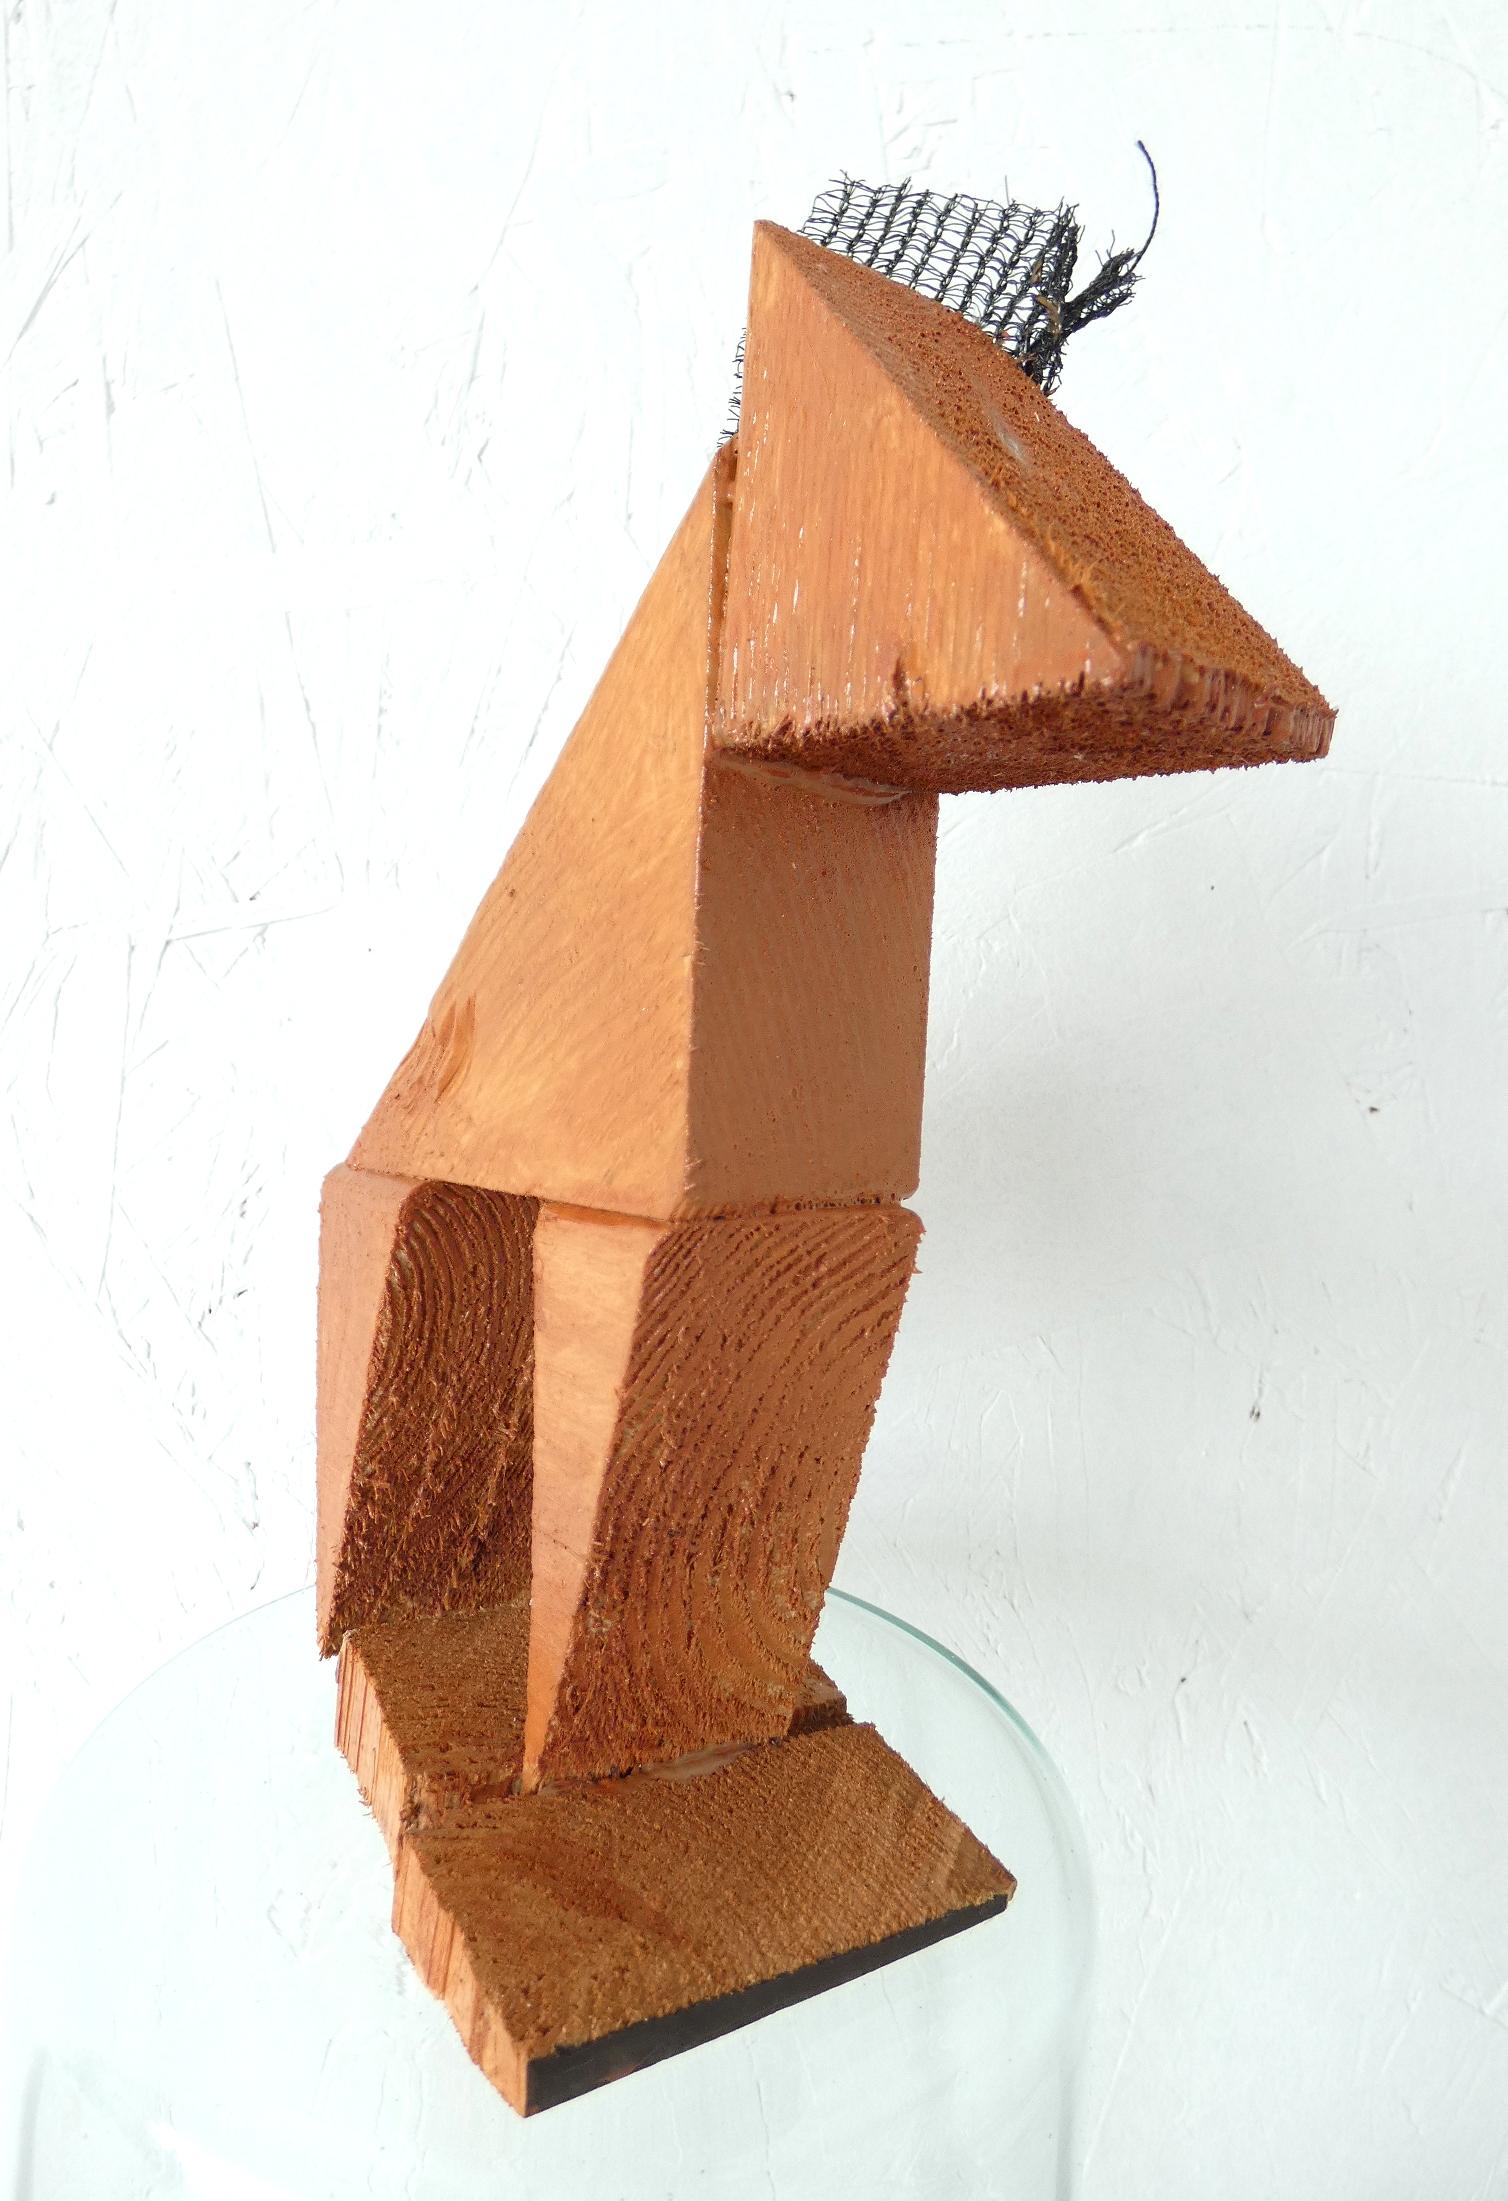 Tang paardje object, tang horse, paardenhaar, artwork, kunst, art, artlovers, hout, kunst kopen, artcollectors, sculpture, art at home, kunstenaar Wietske Lycklama à Nijeholt